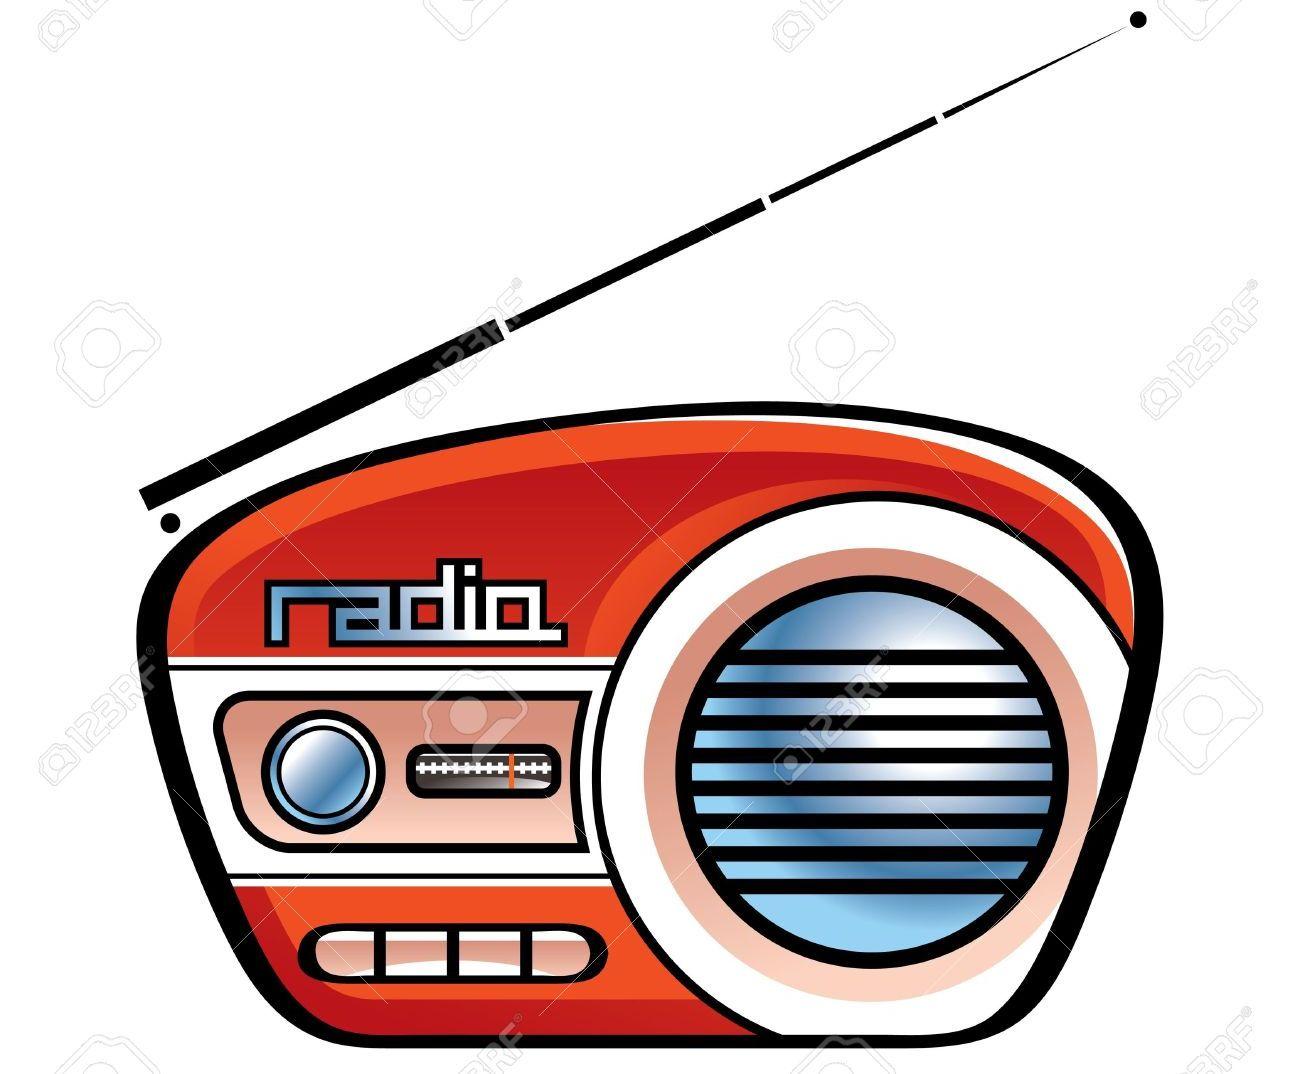 11852100-Funk-Retro-Vintage-Lautsprecher-Musik-News-Stockfoto